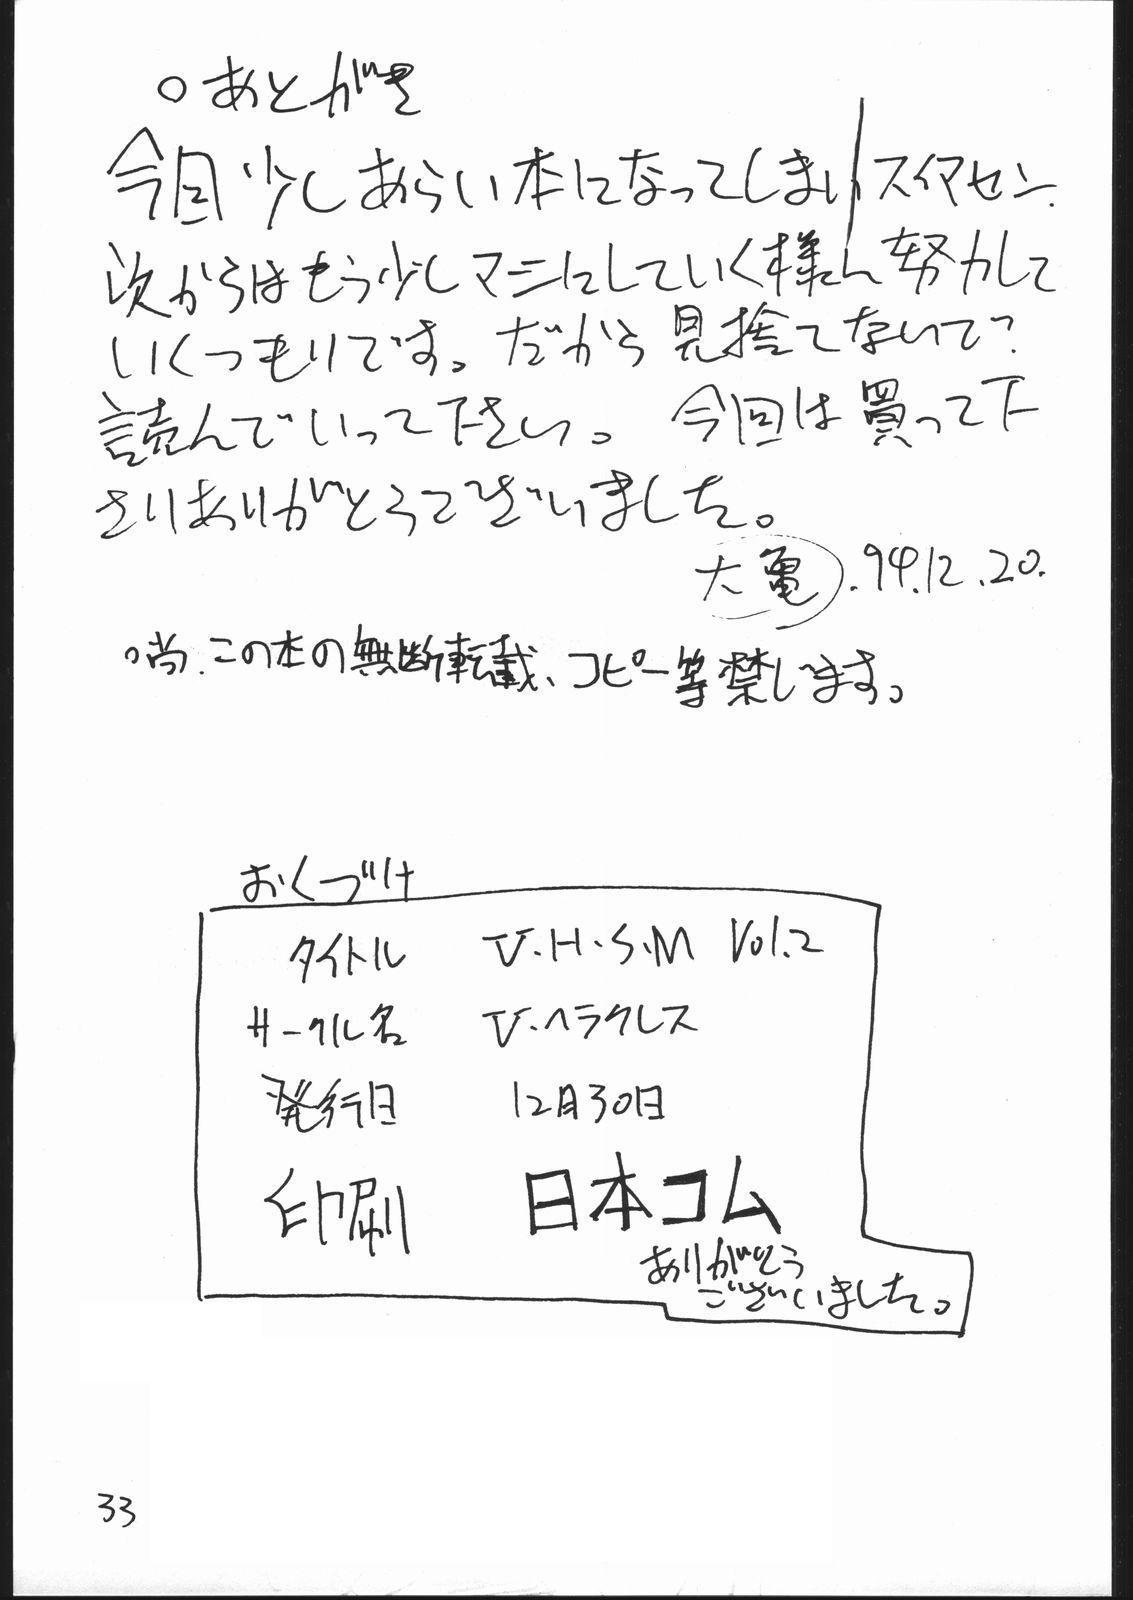 V・H・S・M Vol. 2 31